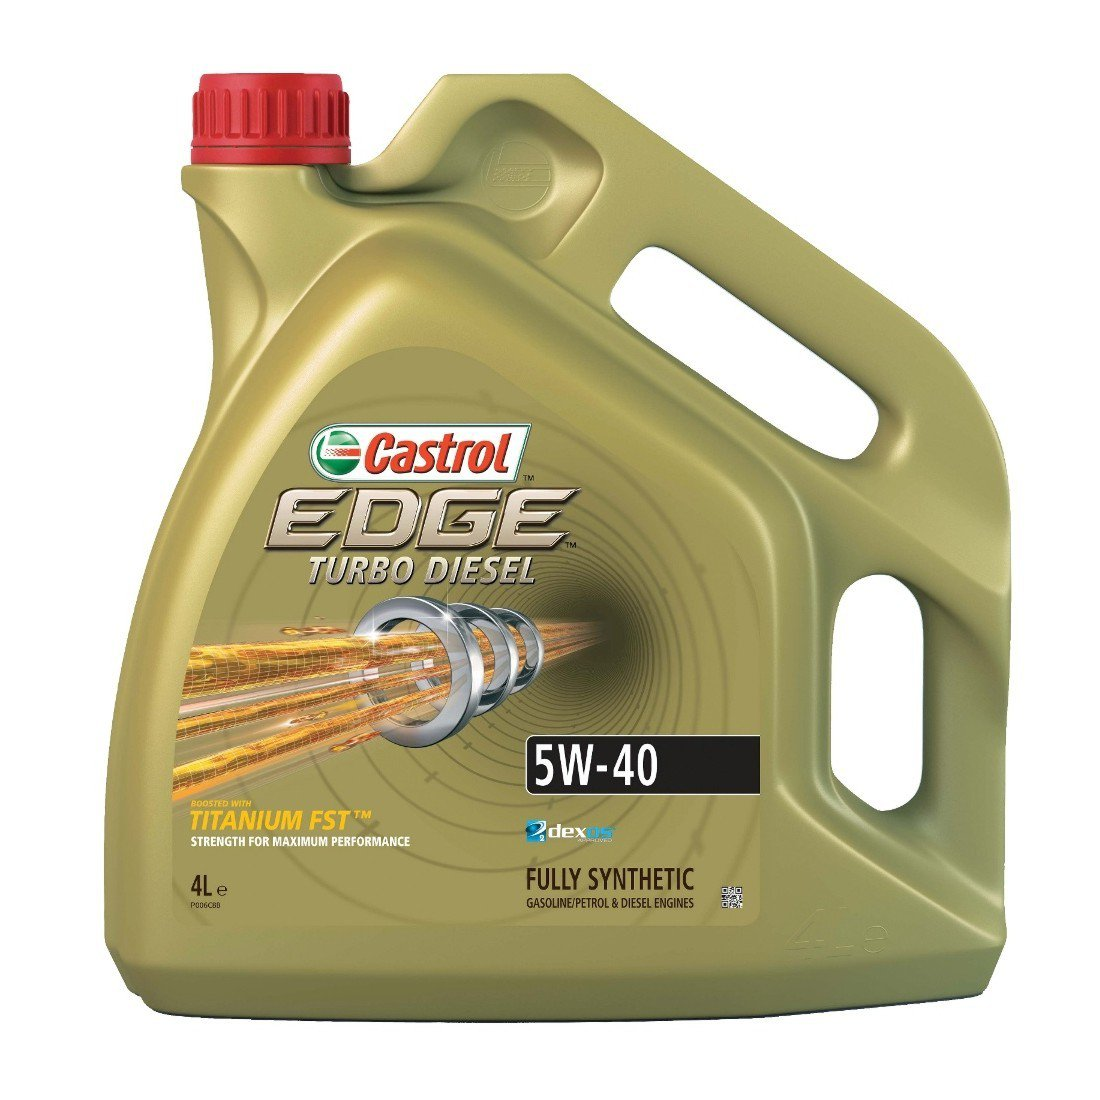 Castrol Edge Turbo Diesel 5W-40 Titanium FST 4L